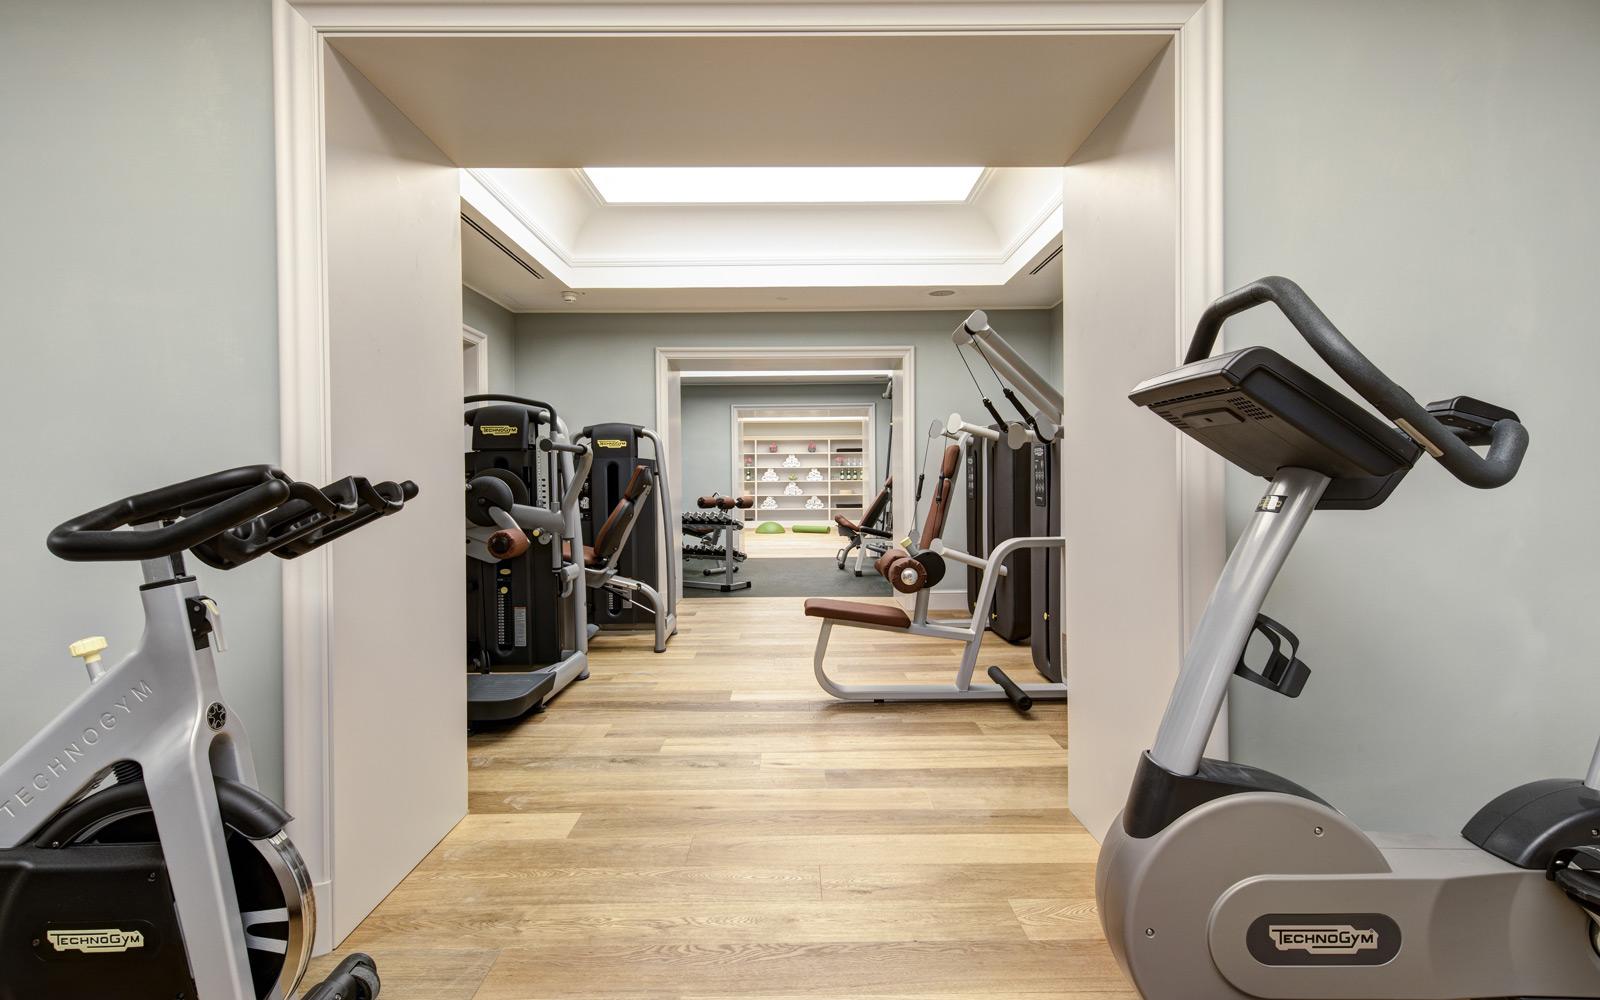 Hotel Savoy Gym